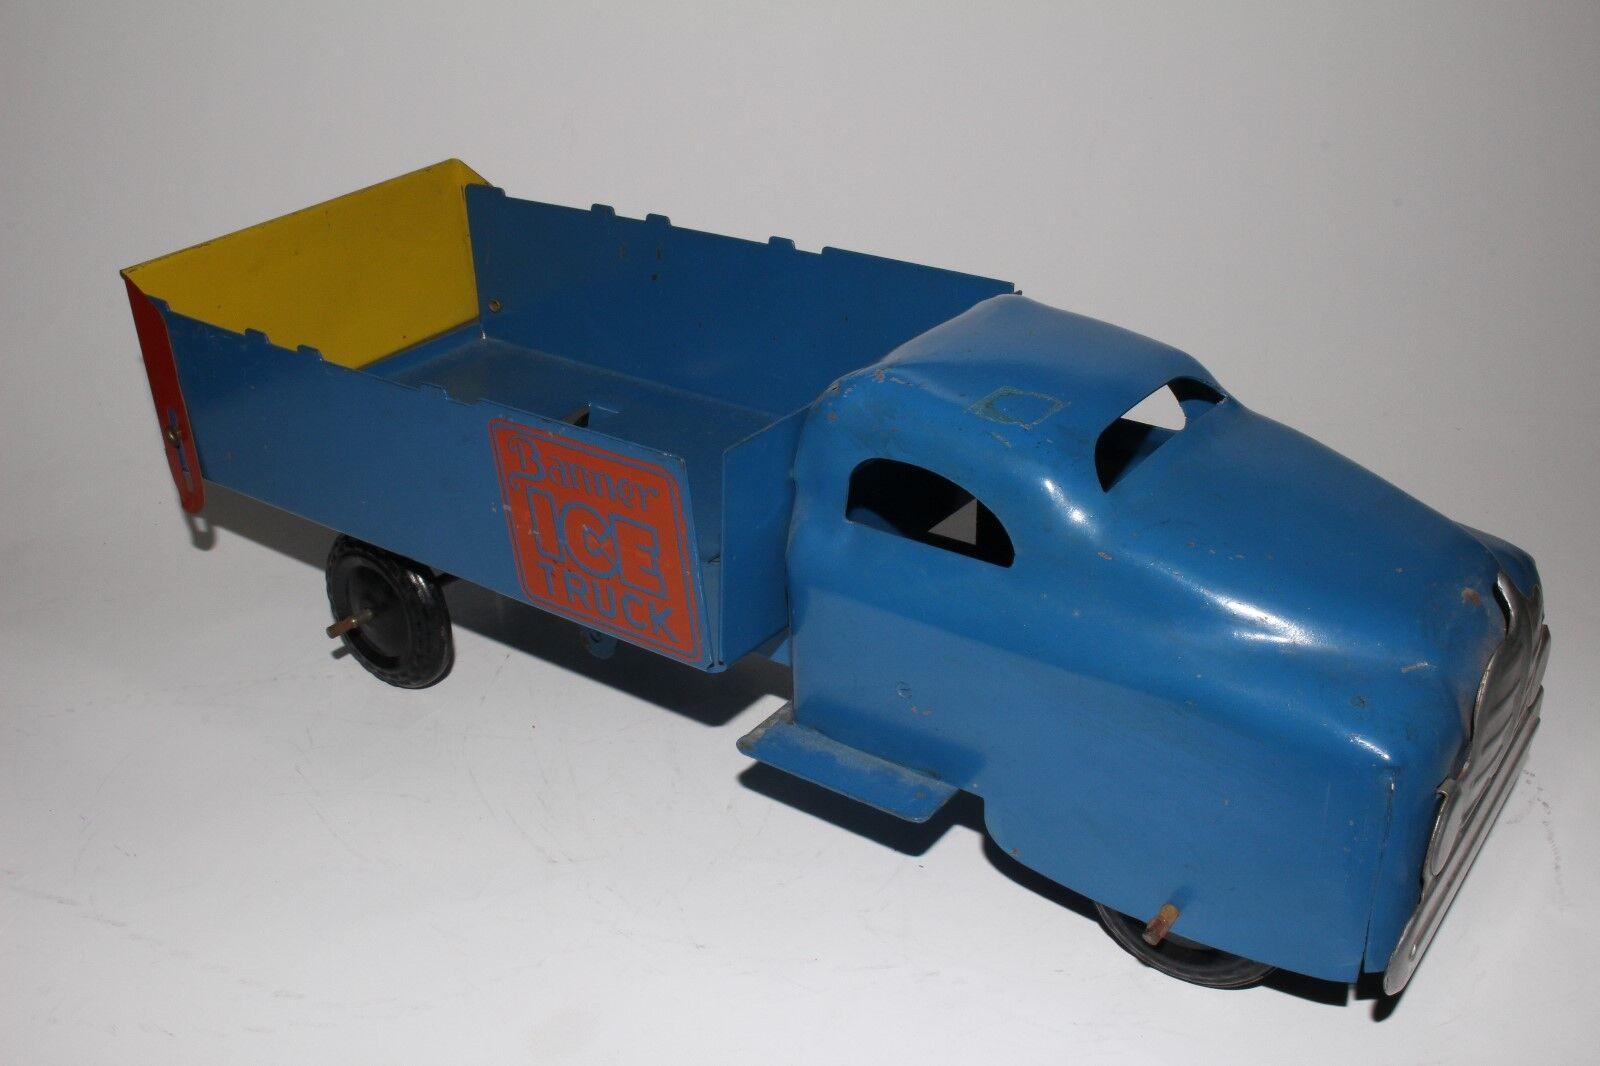 594ms Banner Juguetes Acero Prensado Ice Camión, Azul, Buen Estado Original